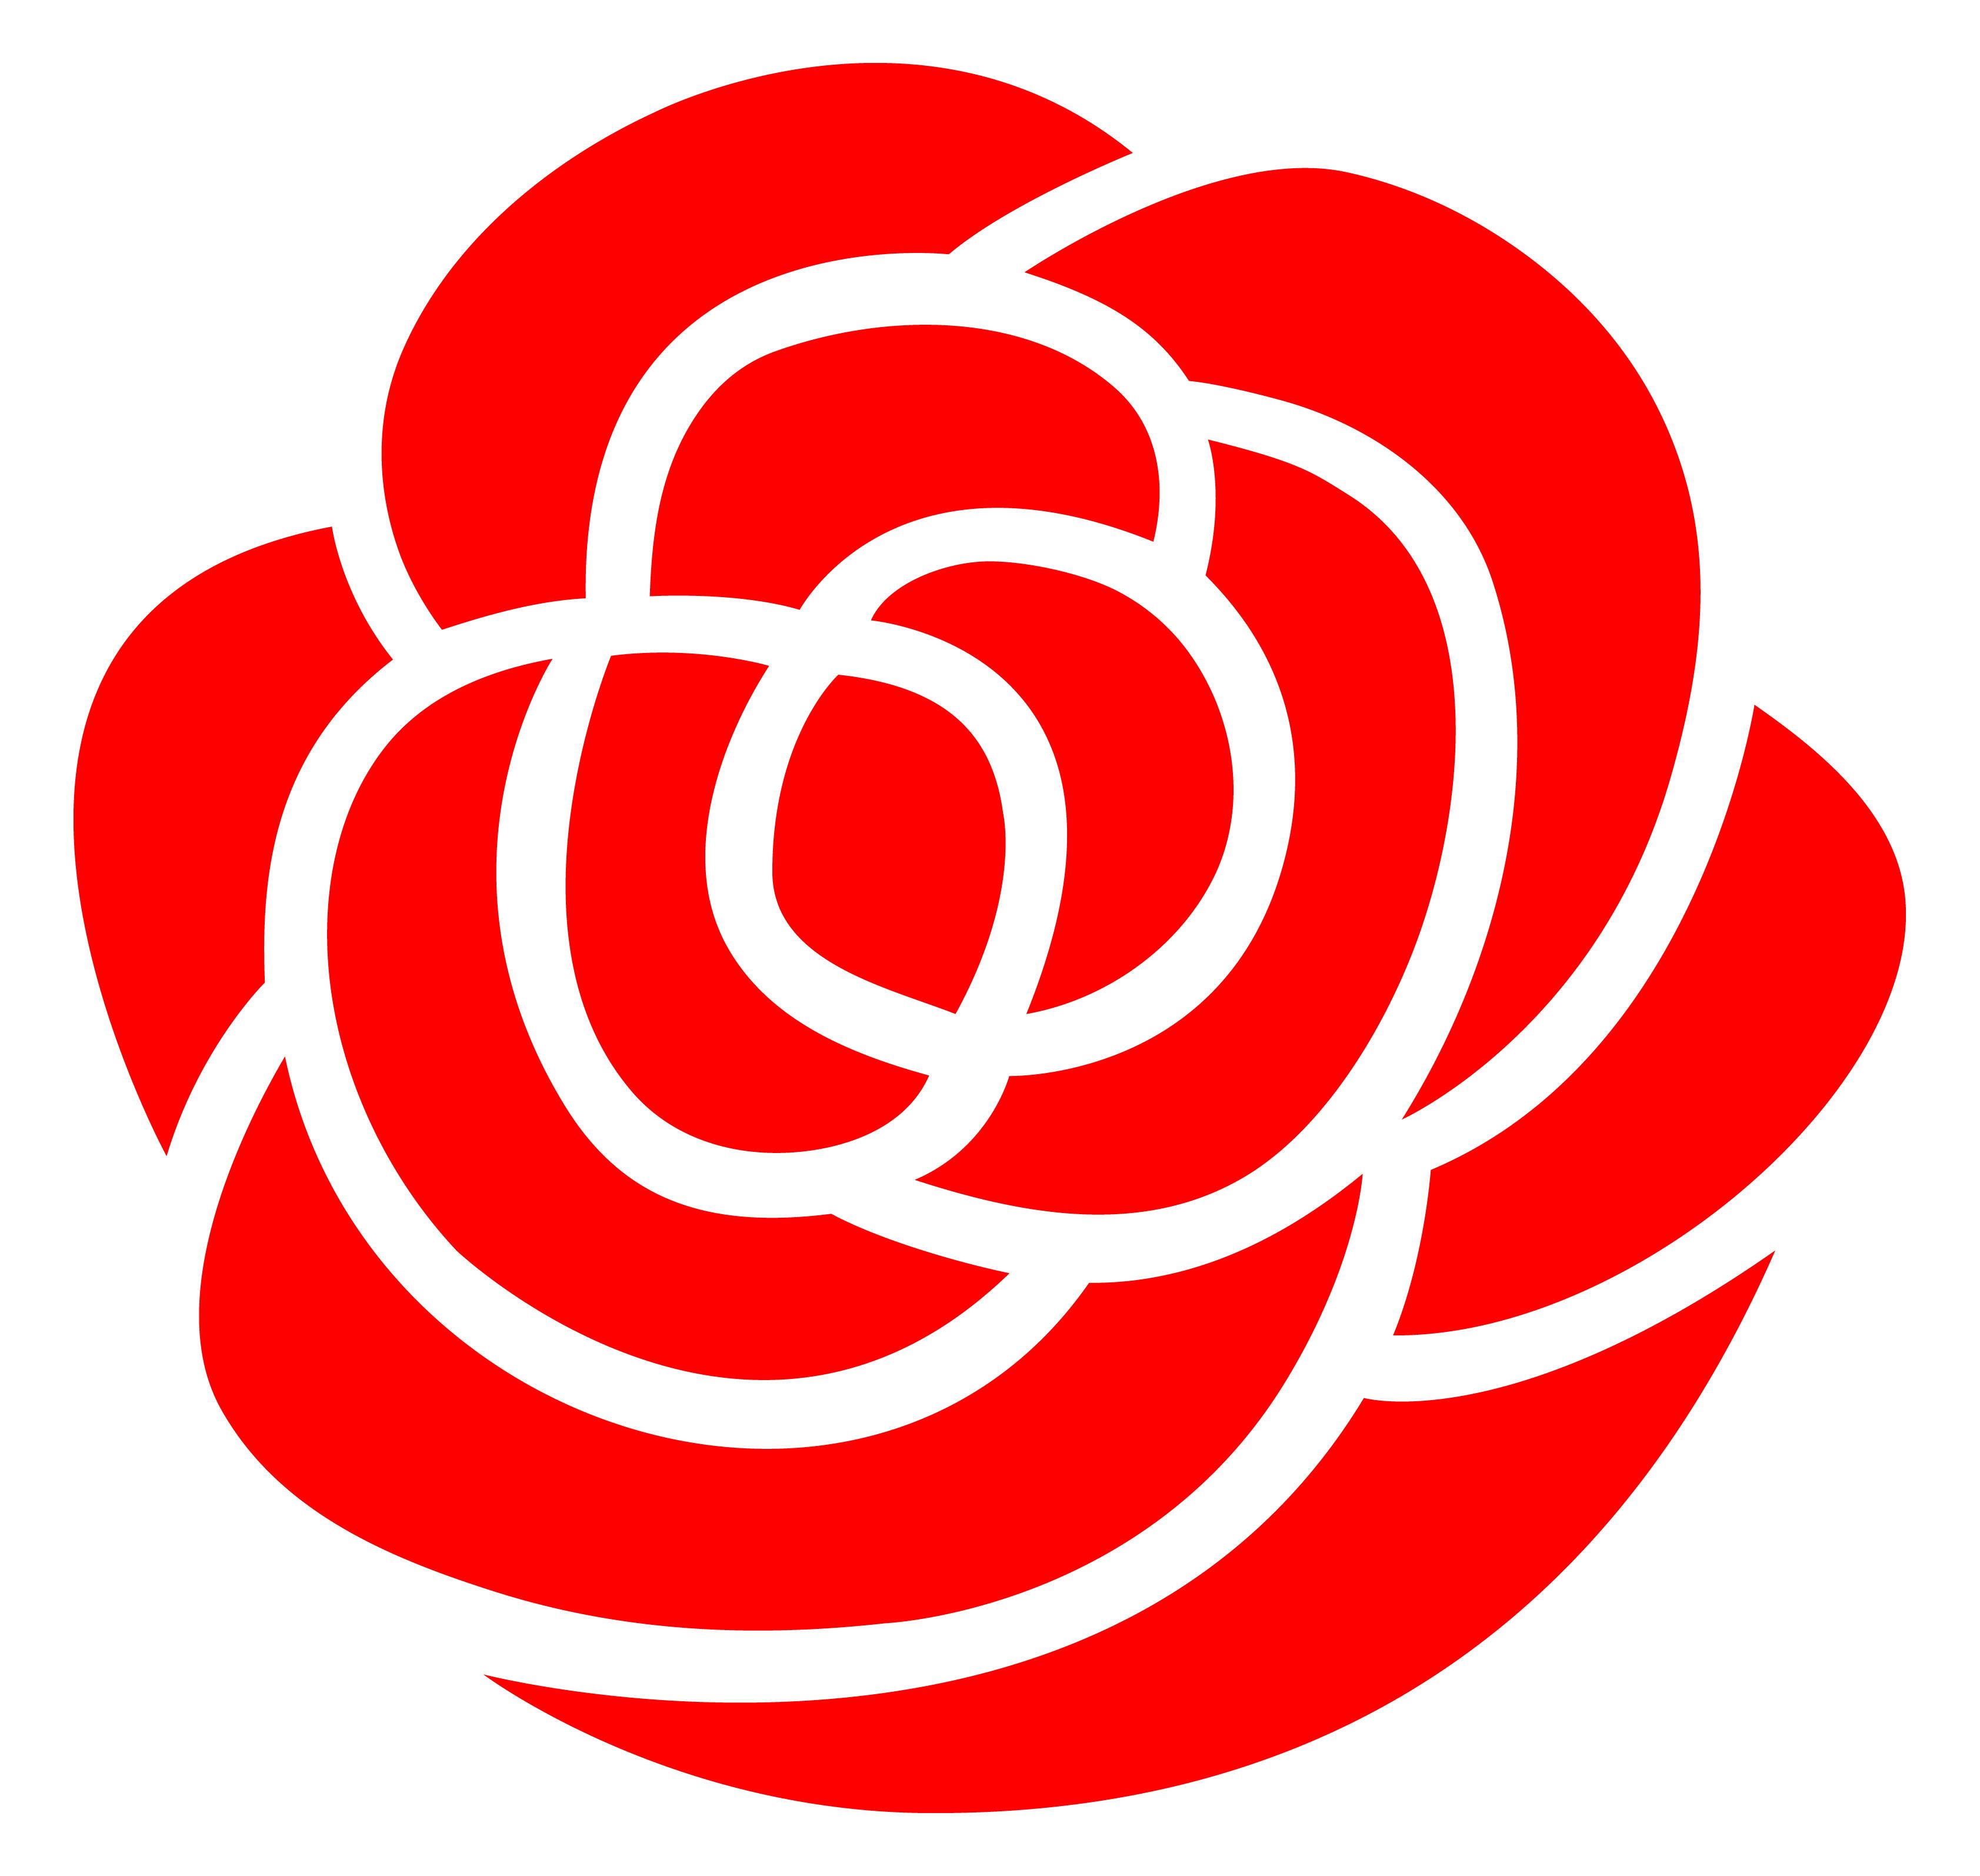 SPD_ROSE_BILDMARKE_09